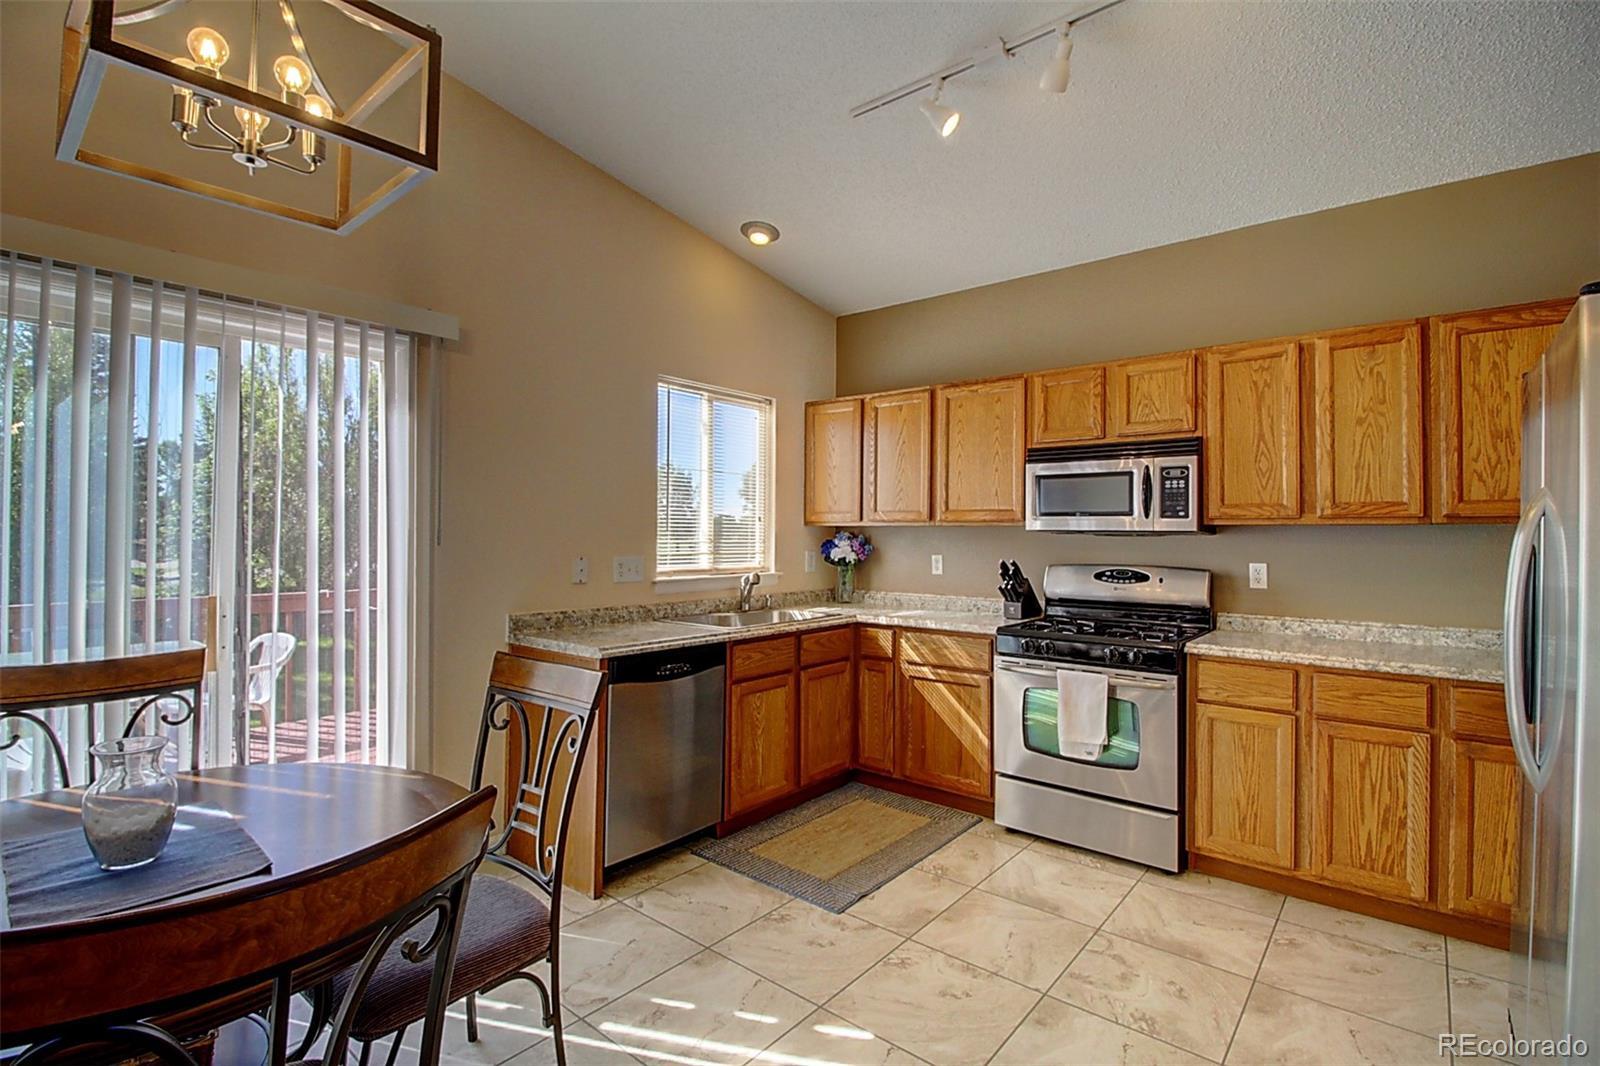 MLS# 8403615 - 6 - 3505 Larkspur Drive, Longmont, CO 80503